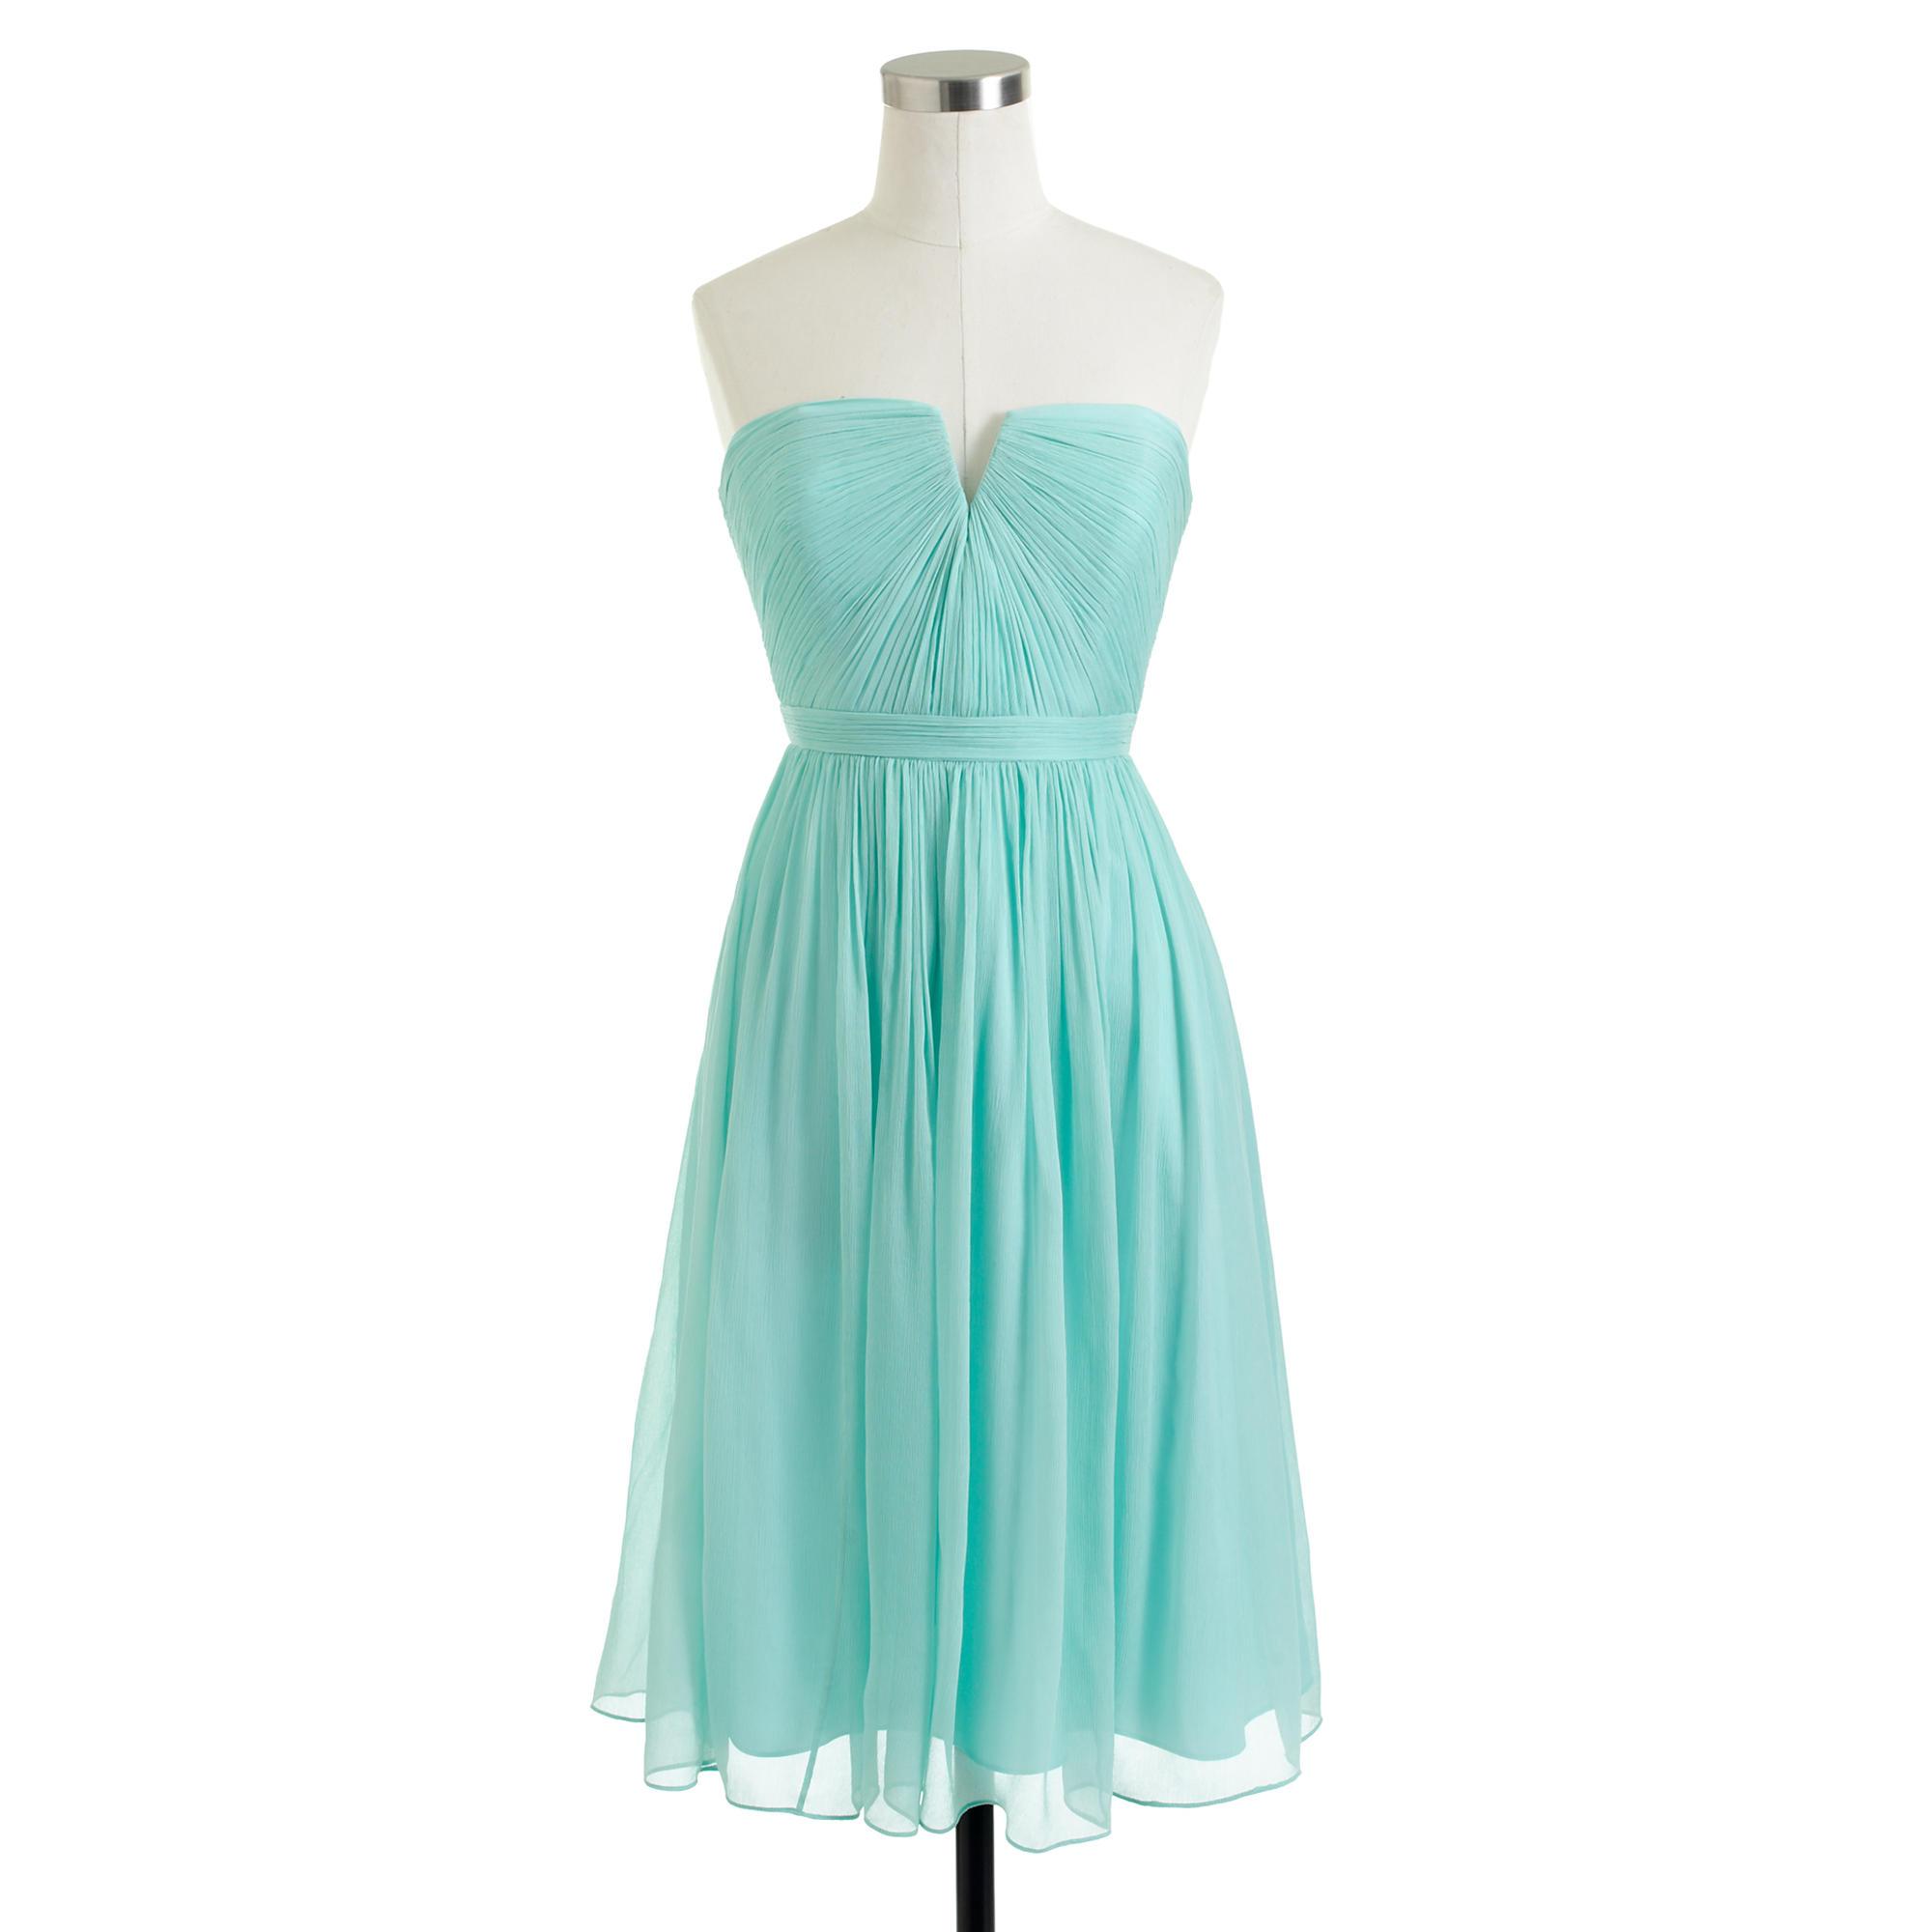 Lyst - J.Crew Nadia Dress In Silk Chiffon in Blue